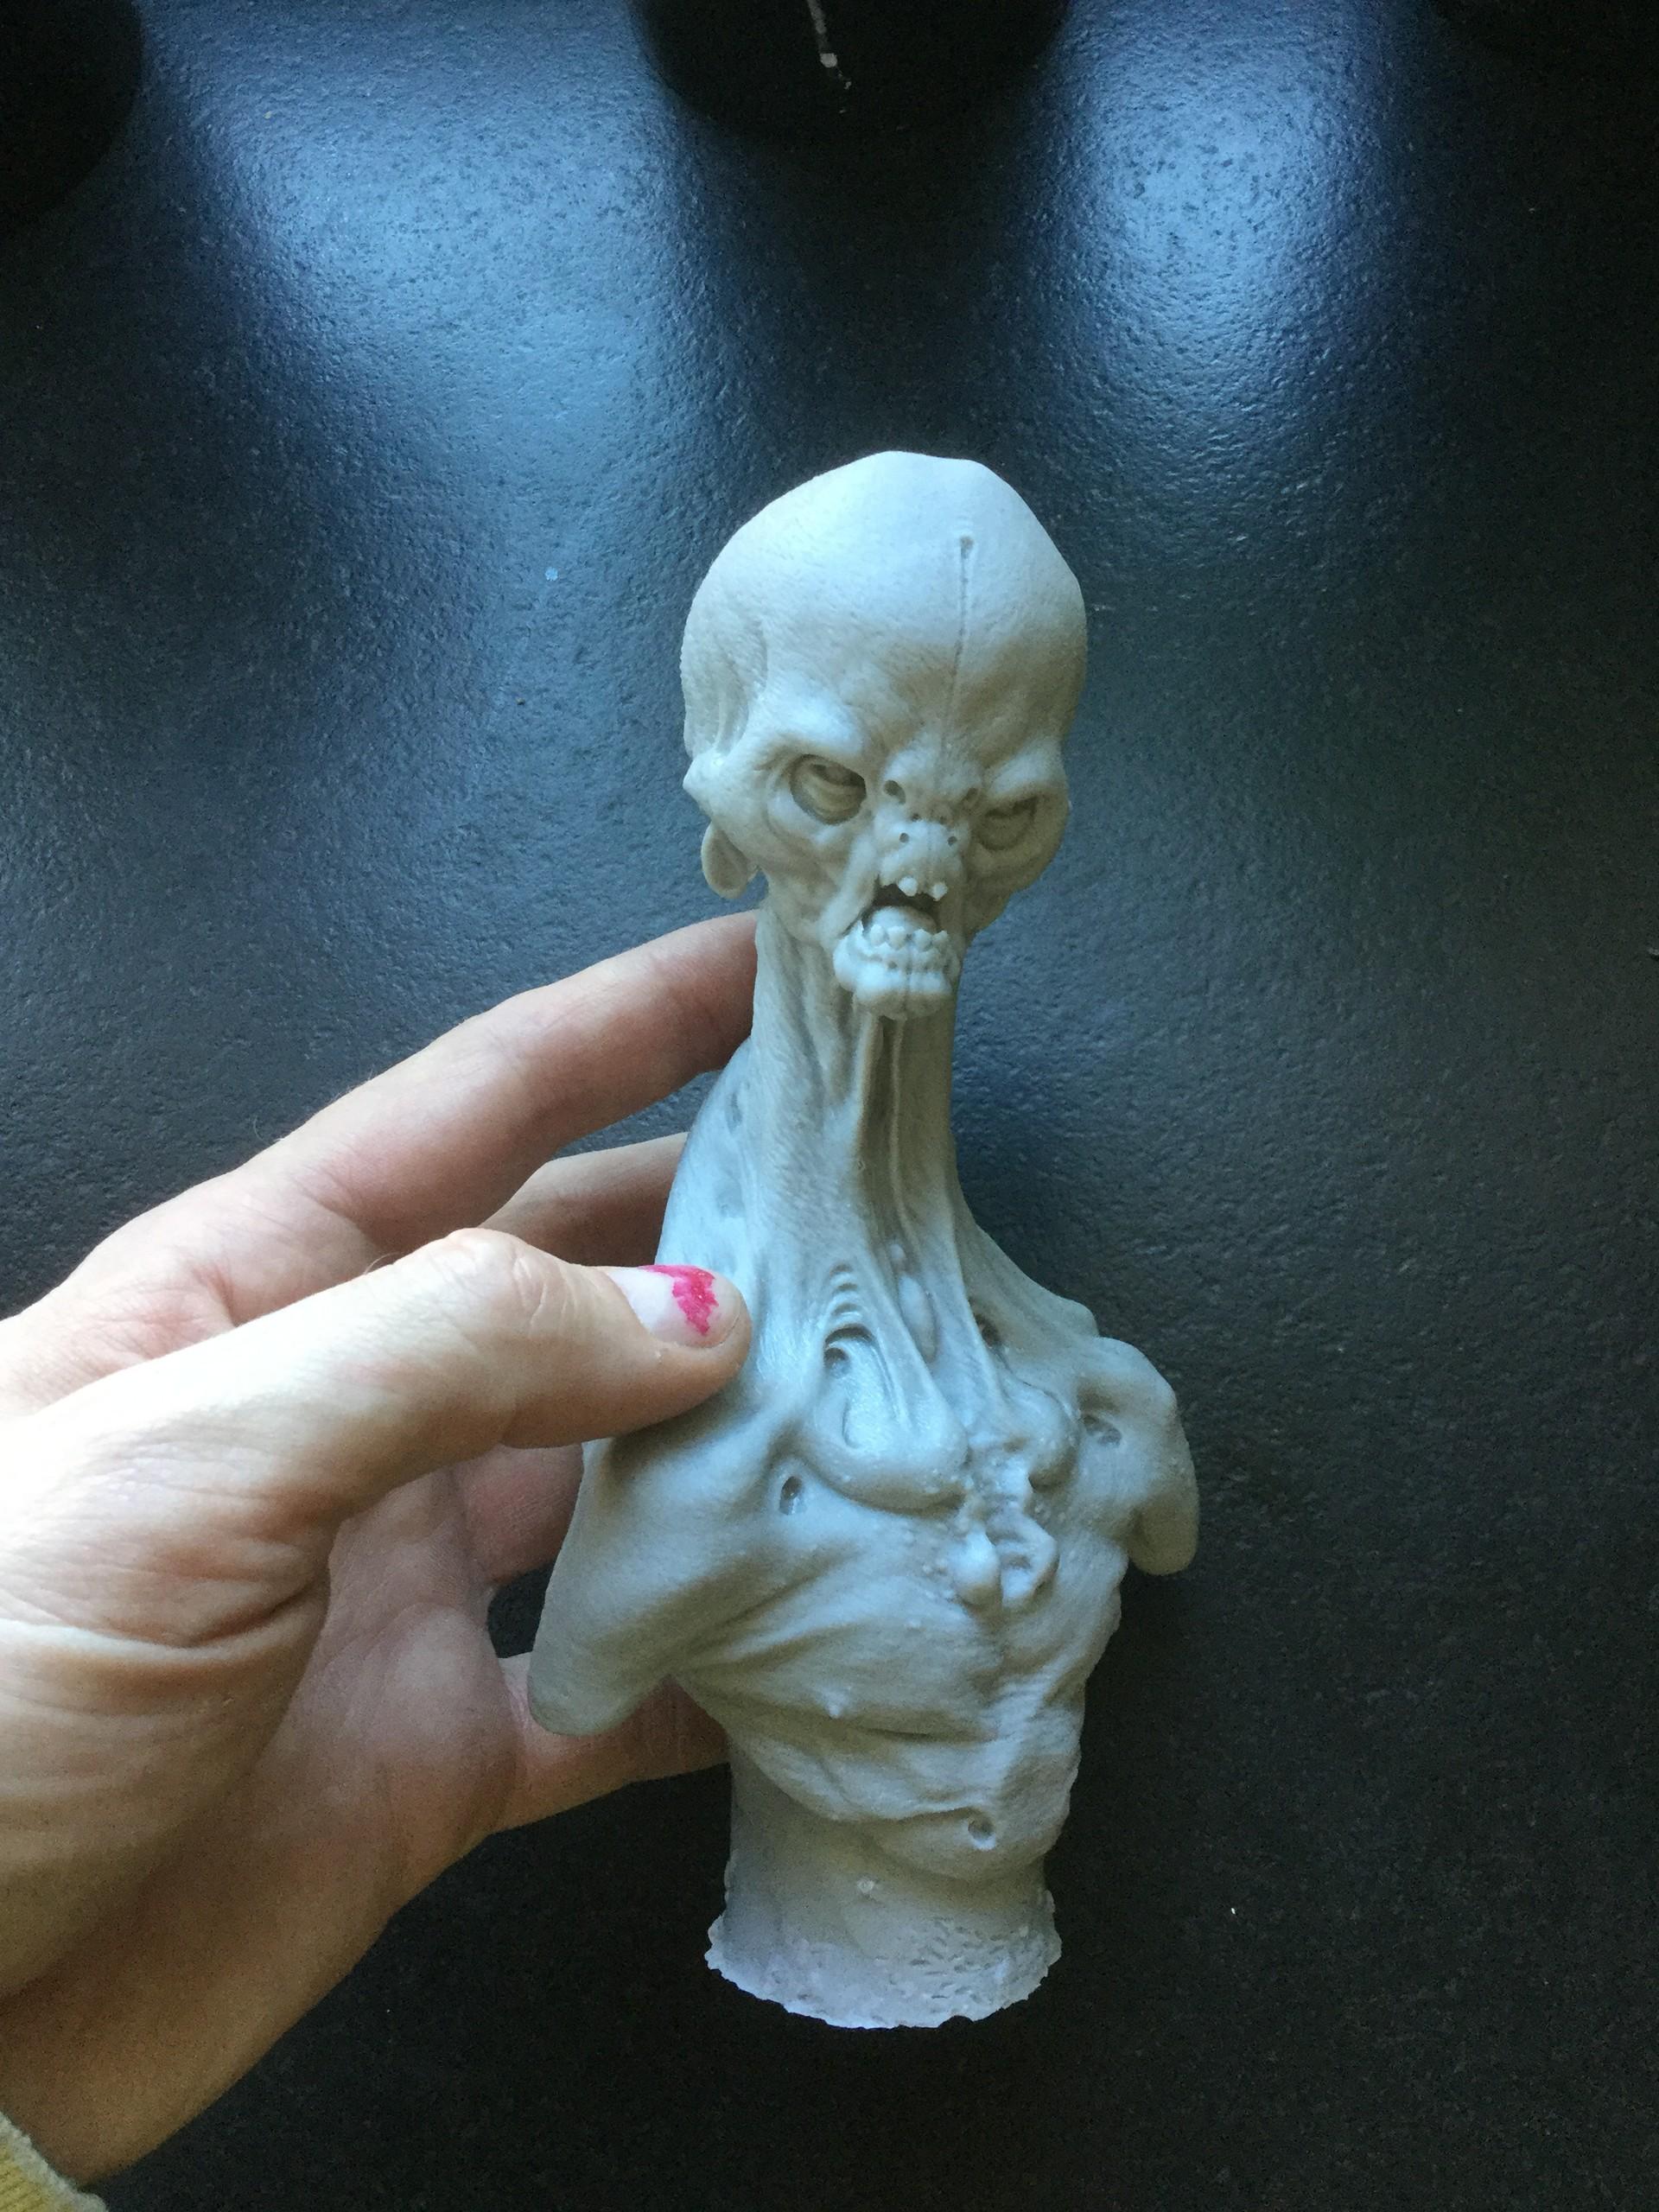 Alien/cast resin